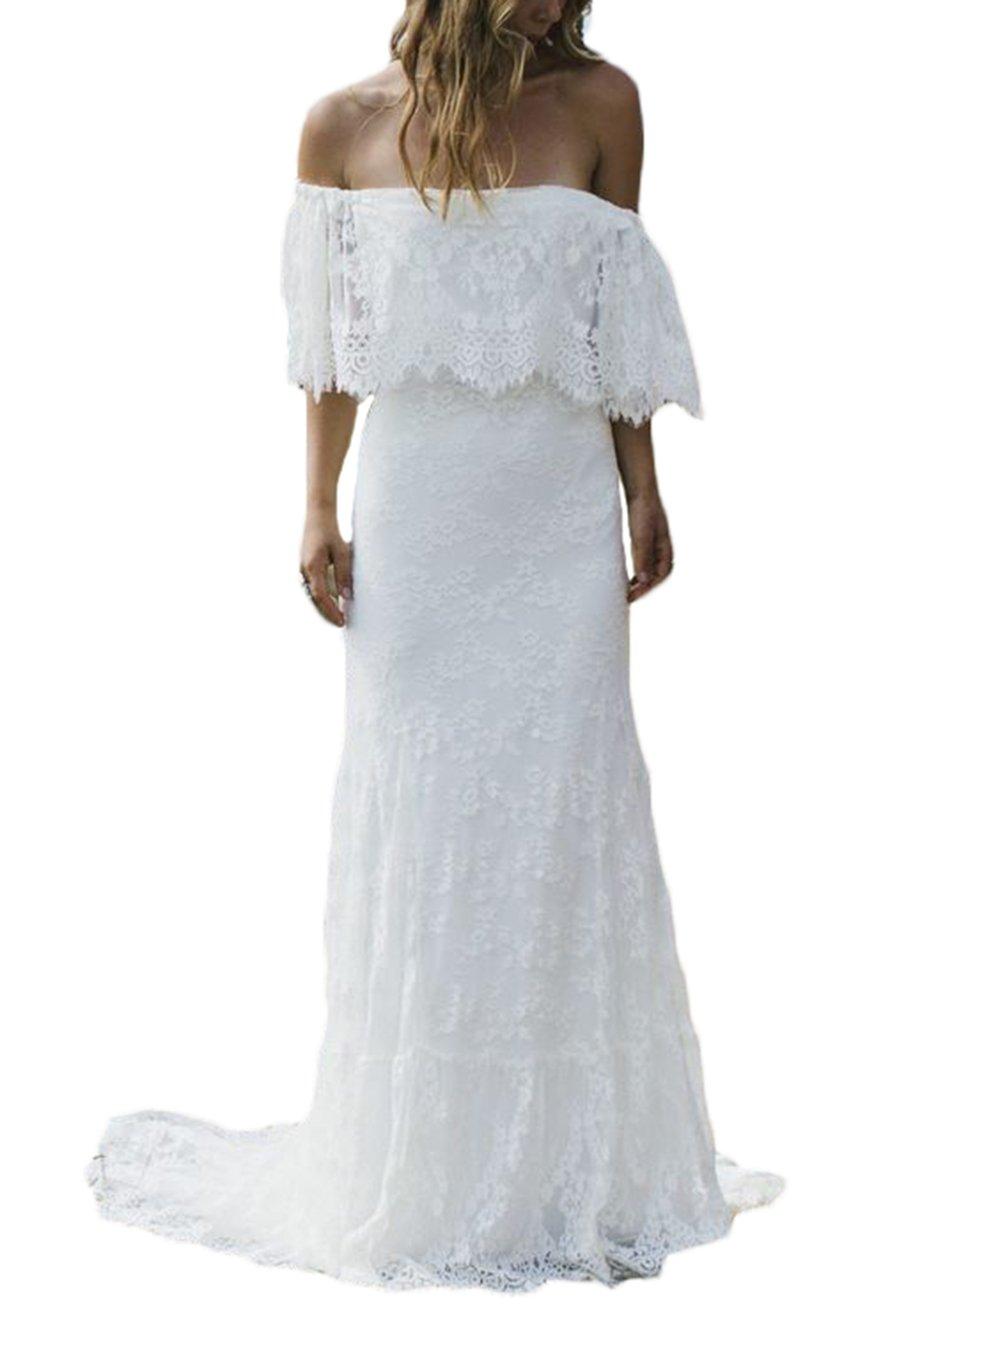 Sexy Beach Wedding Dress A Line Lace Bohemian Dresses Vestidos de novia